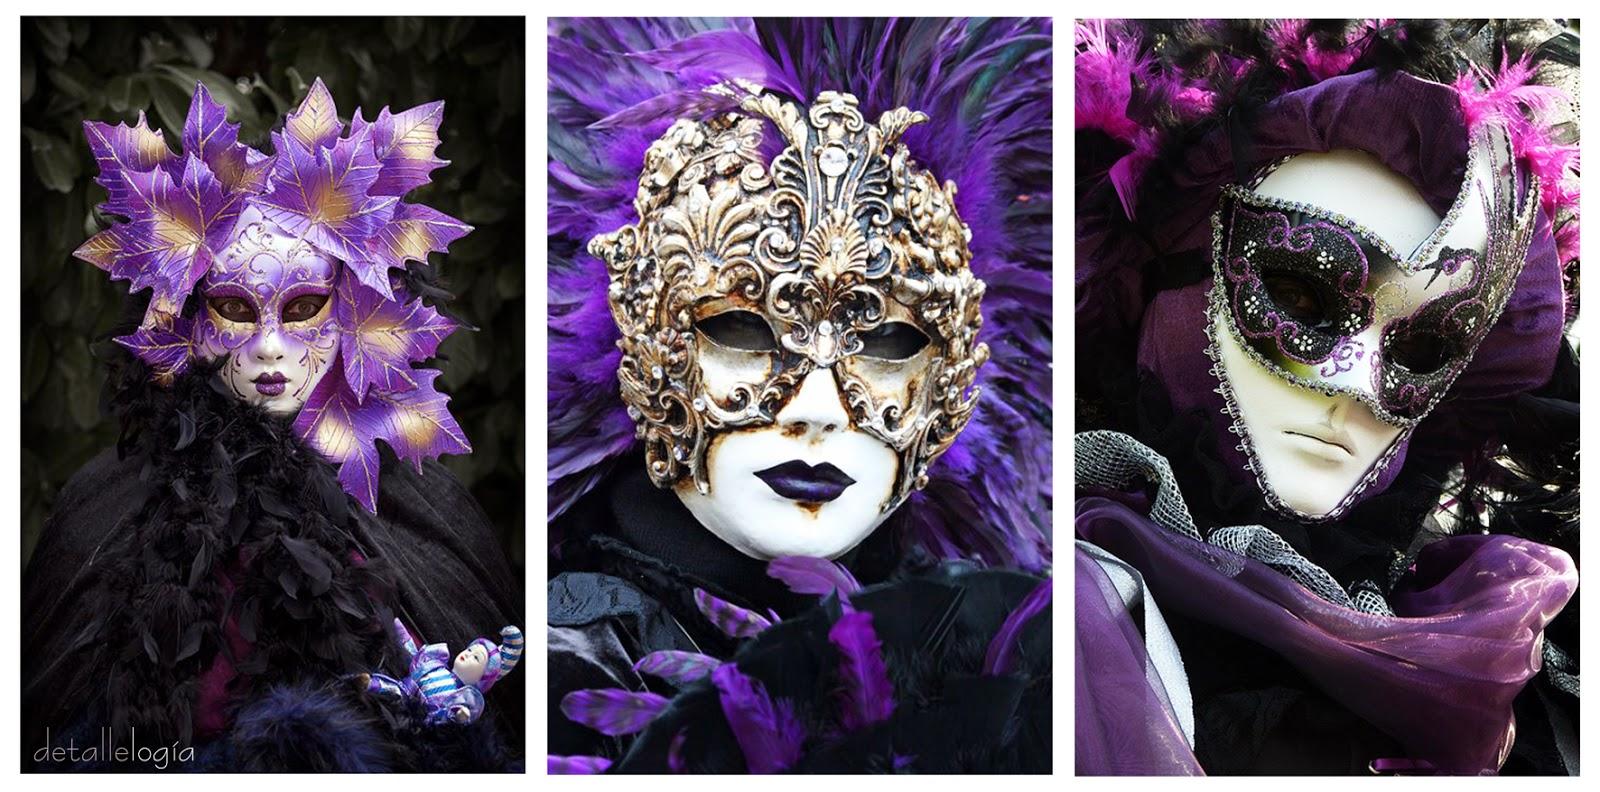 Detallelogia m scaras venecianas - Mascaras venecianas decoracion ...